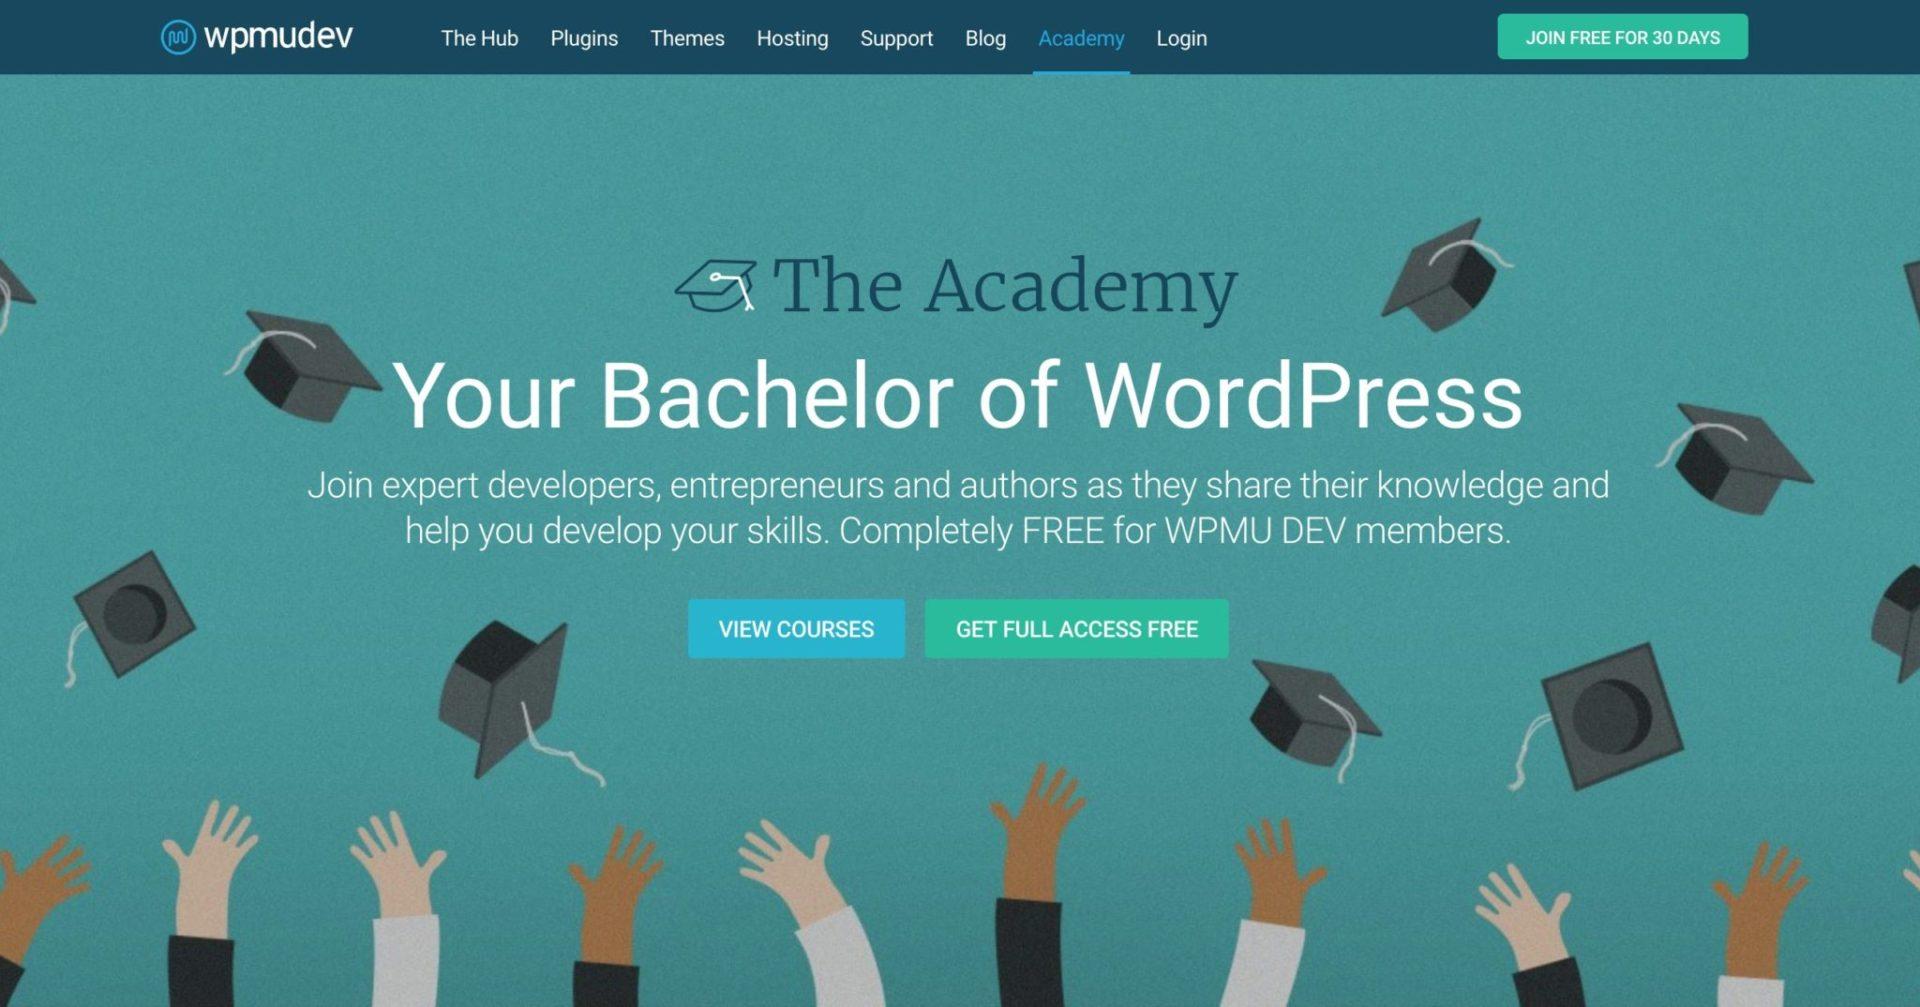 WPMU Dev Academy